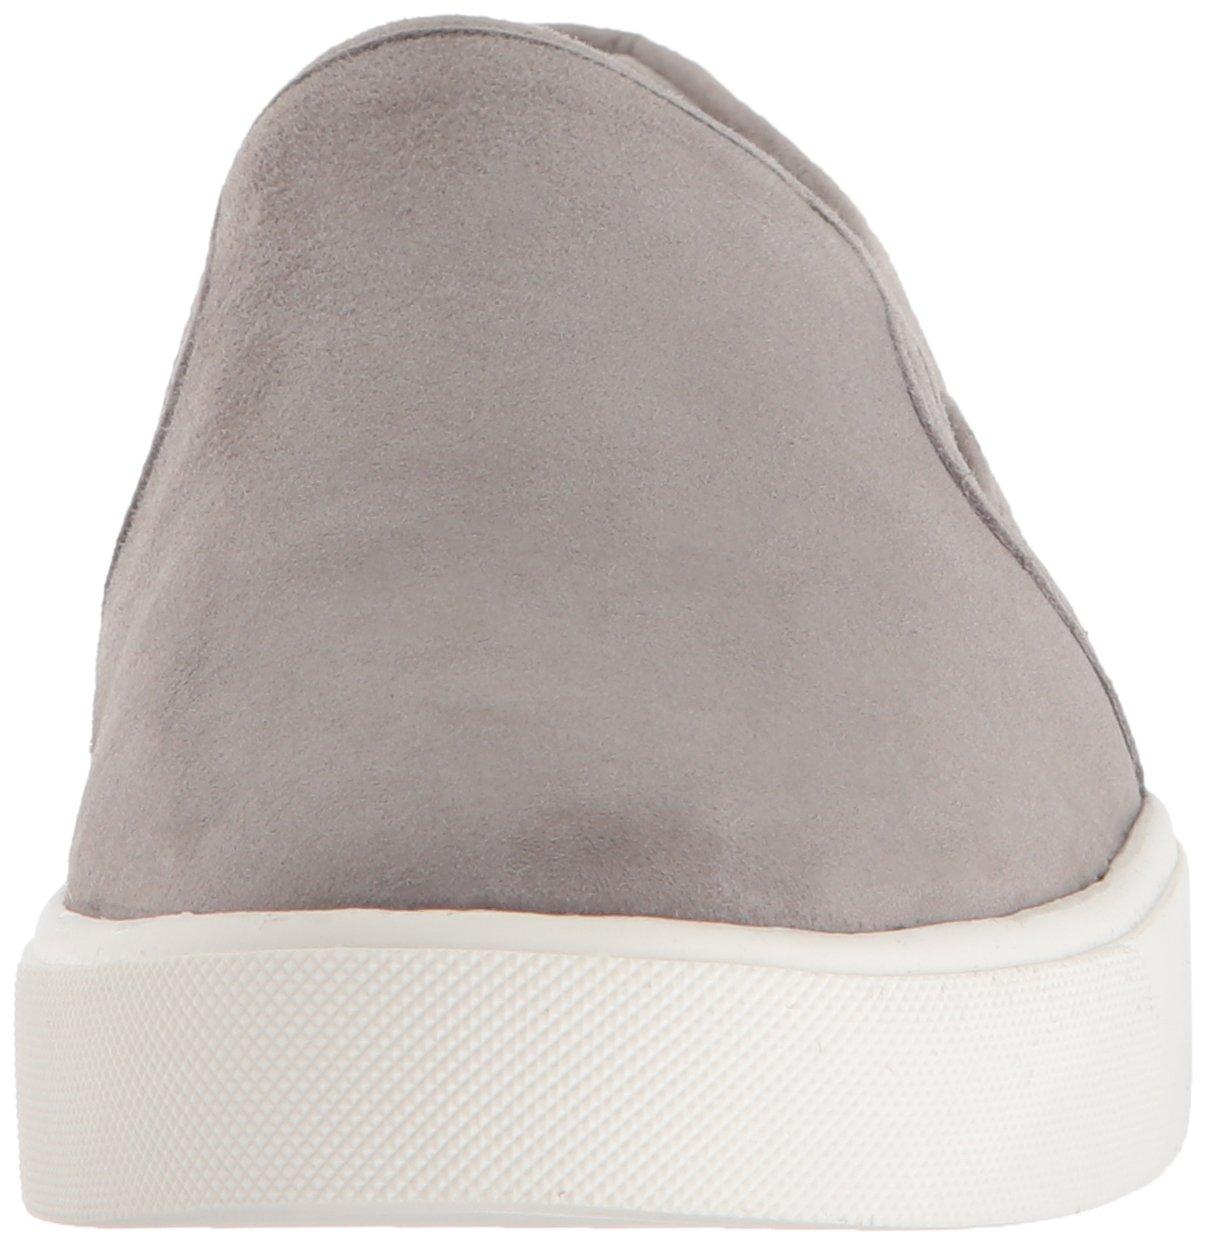 Sam Edelman Women's Elton Sneaker B07BR8JNR2 5.5 B(M) US Ash Grey